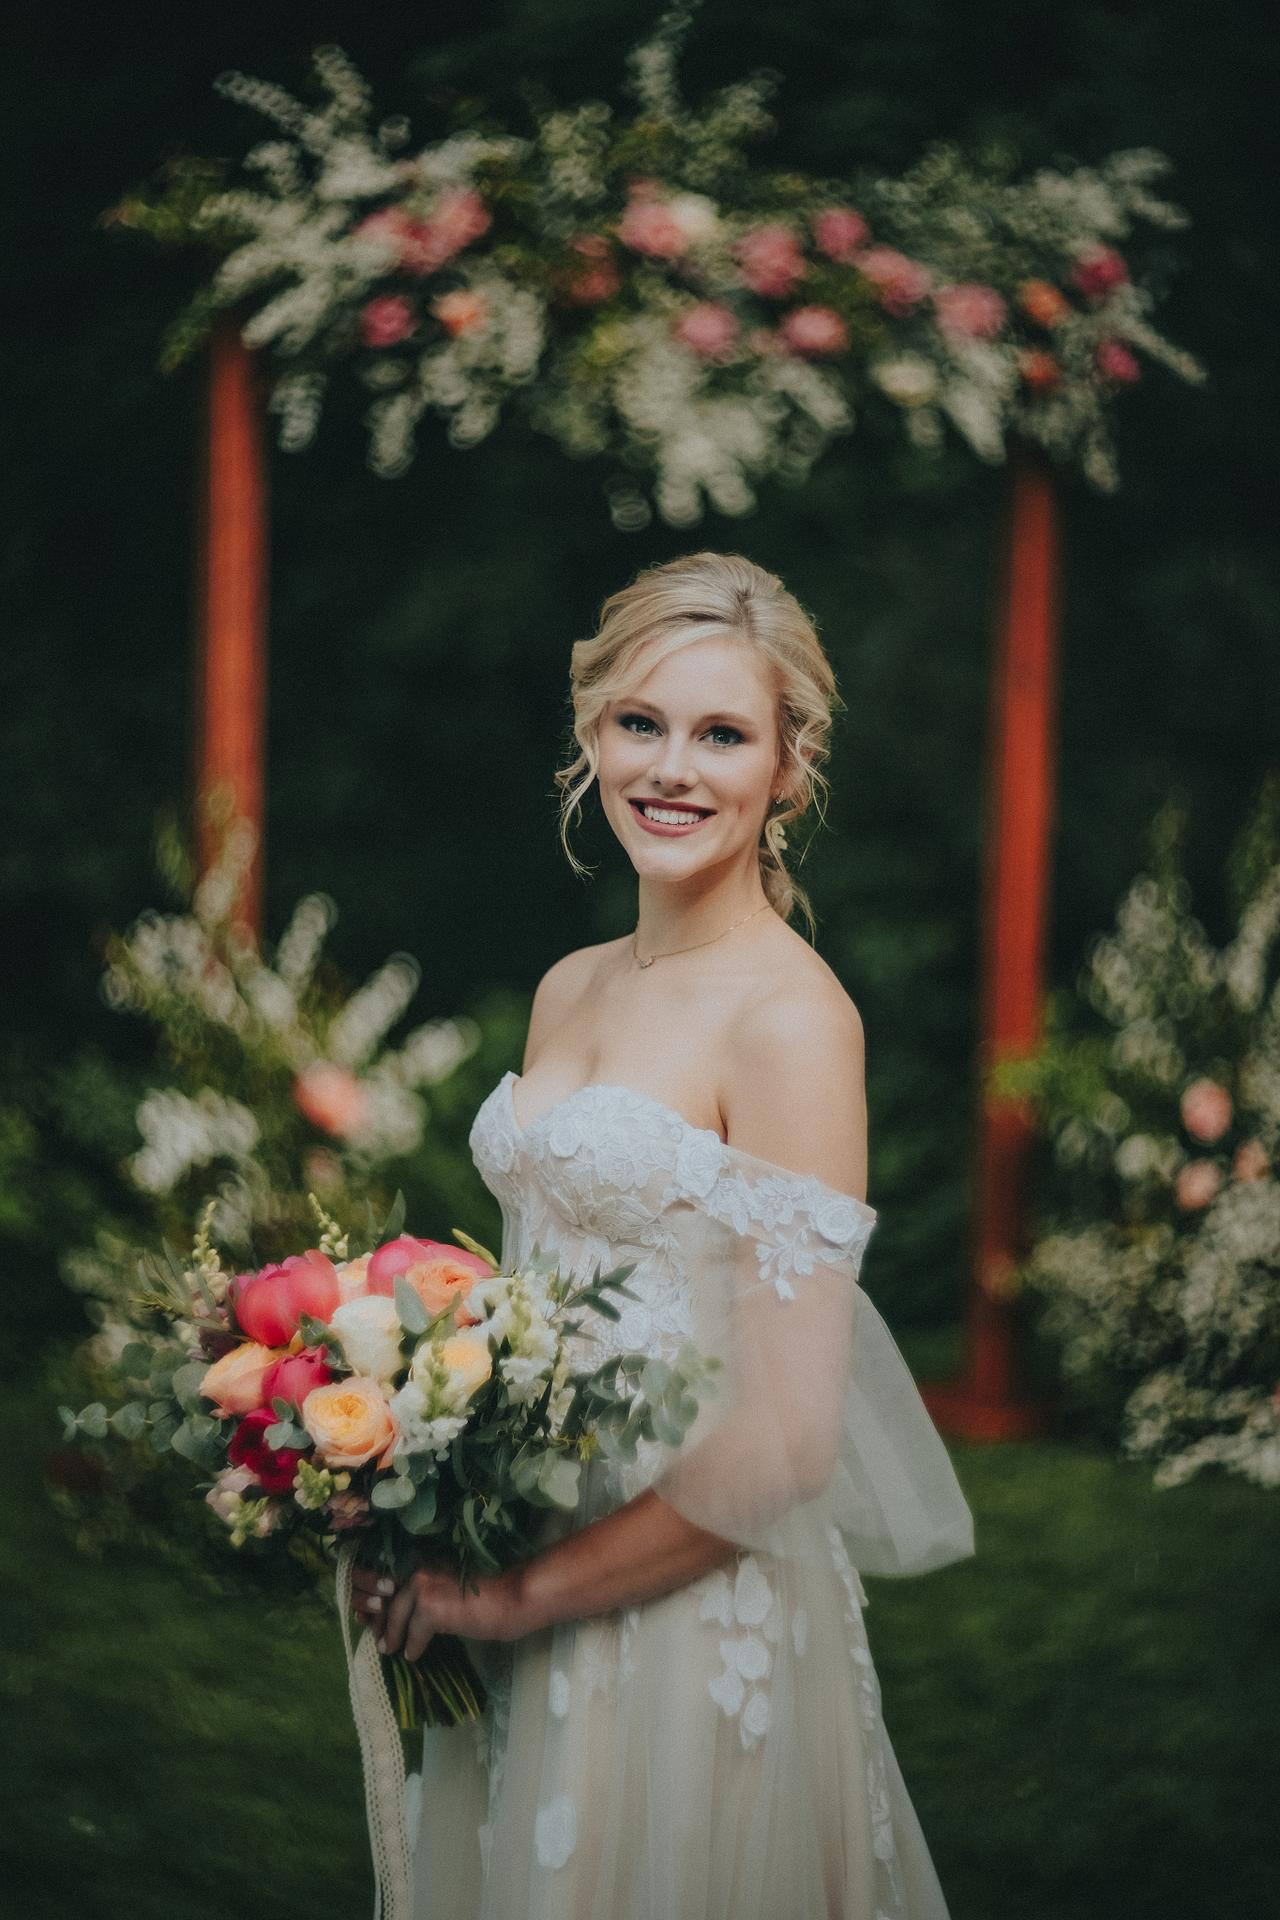 Včerejší krásná nevěsta :-) - Obrázek č. 1